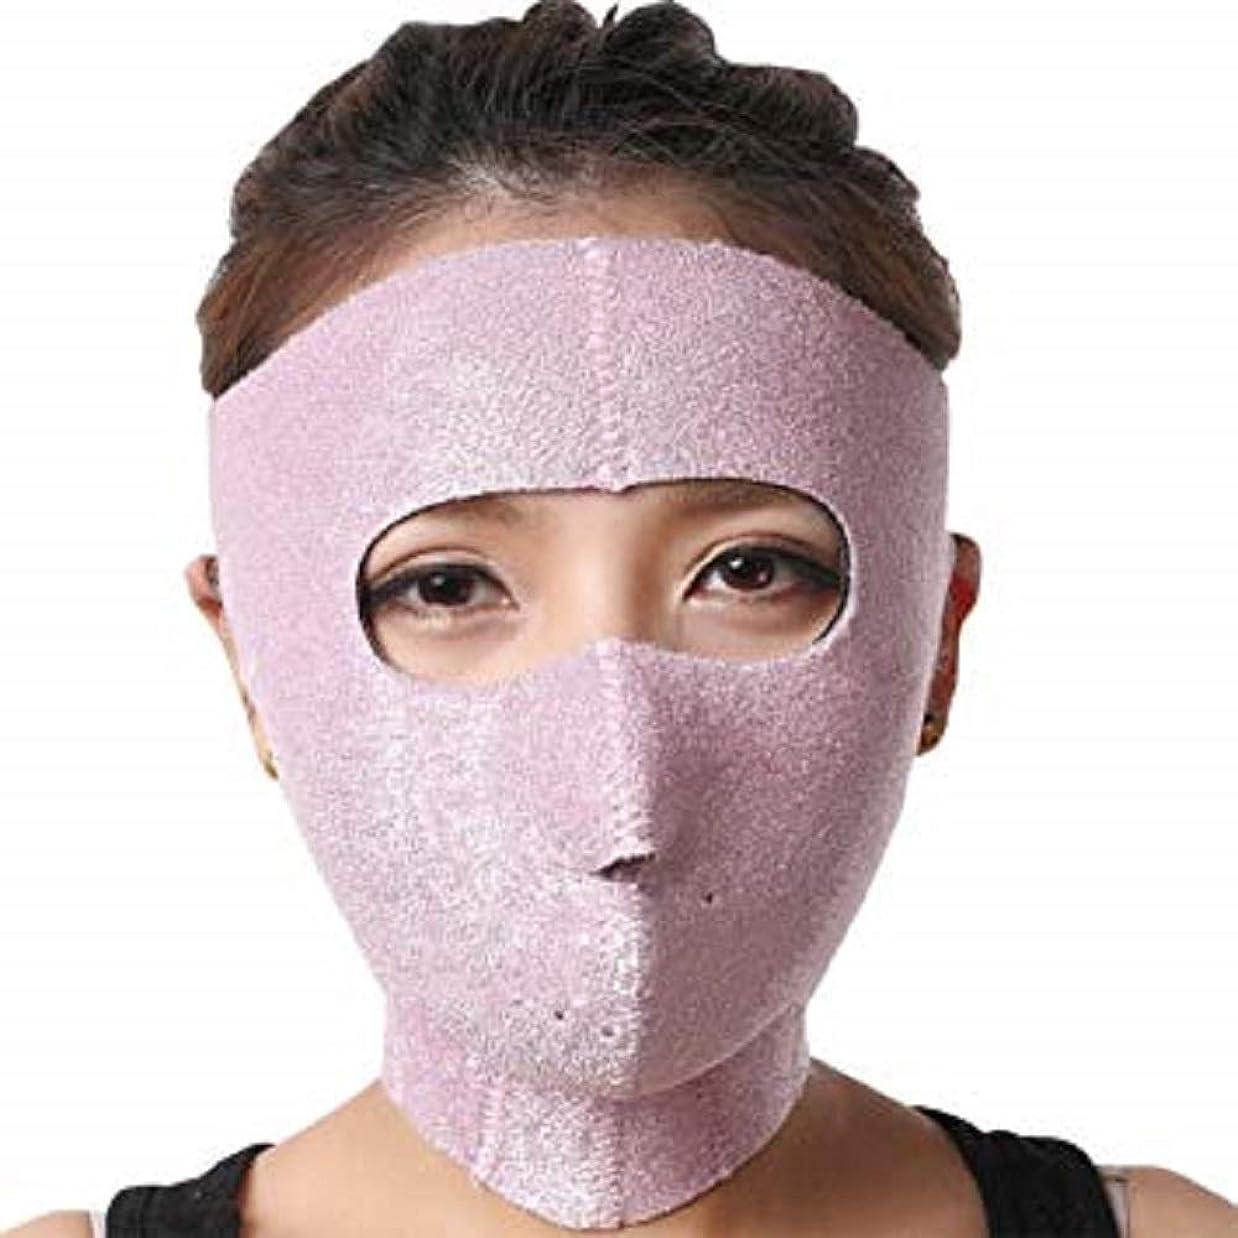 皮肉な手段の頭の上リタプロショップ? 小顔矯正 3Dマスク 発汗 サウナ フェイスライン 引き締め